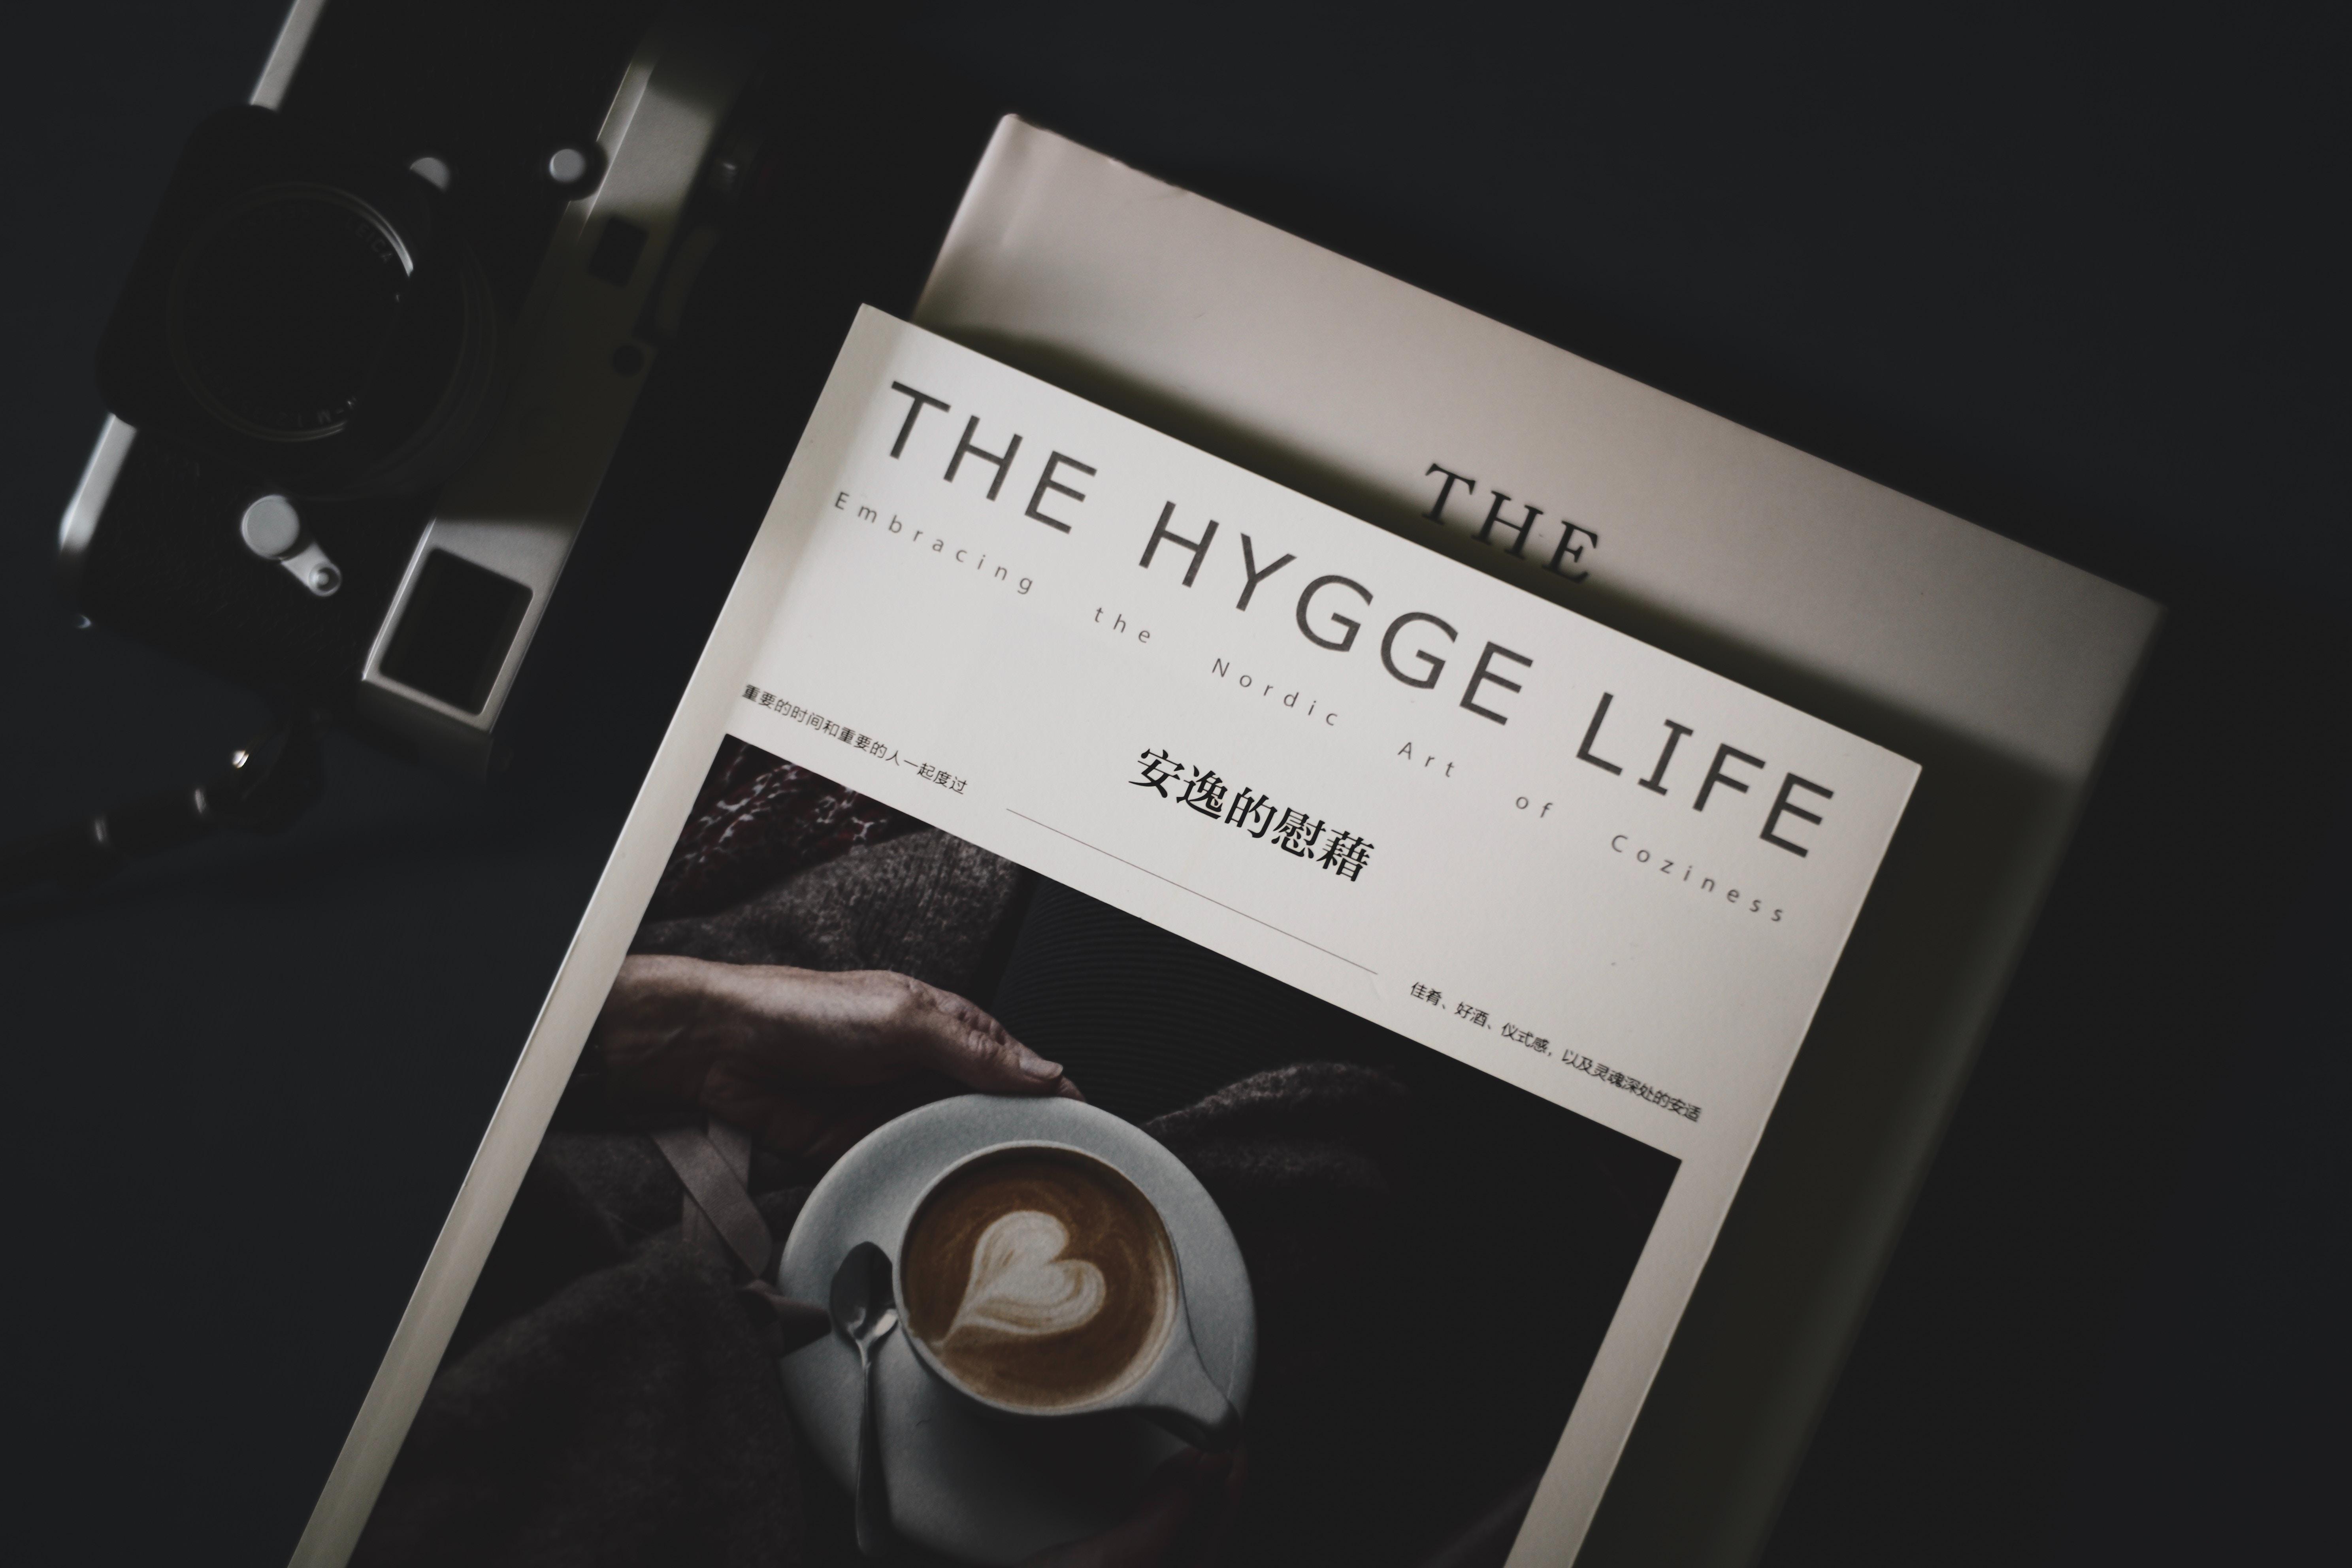 Gettin' Hygge With It in Copenhagen